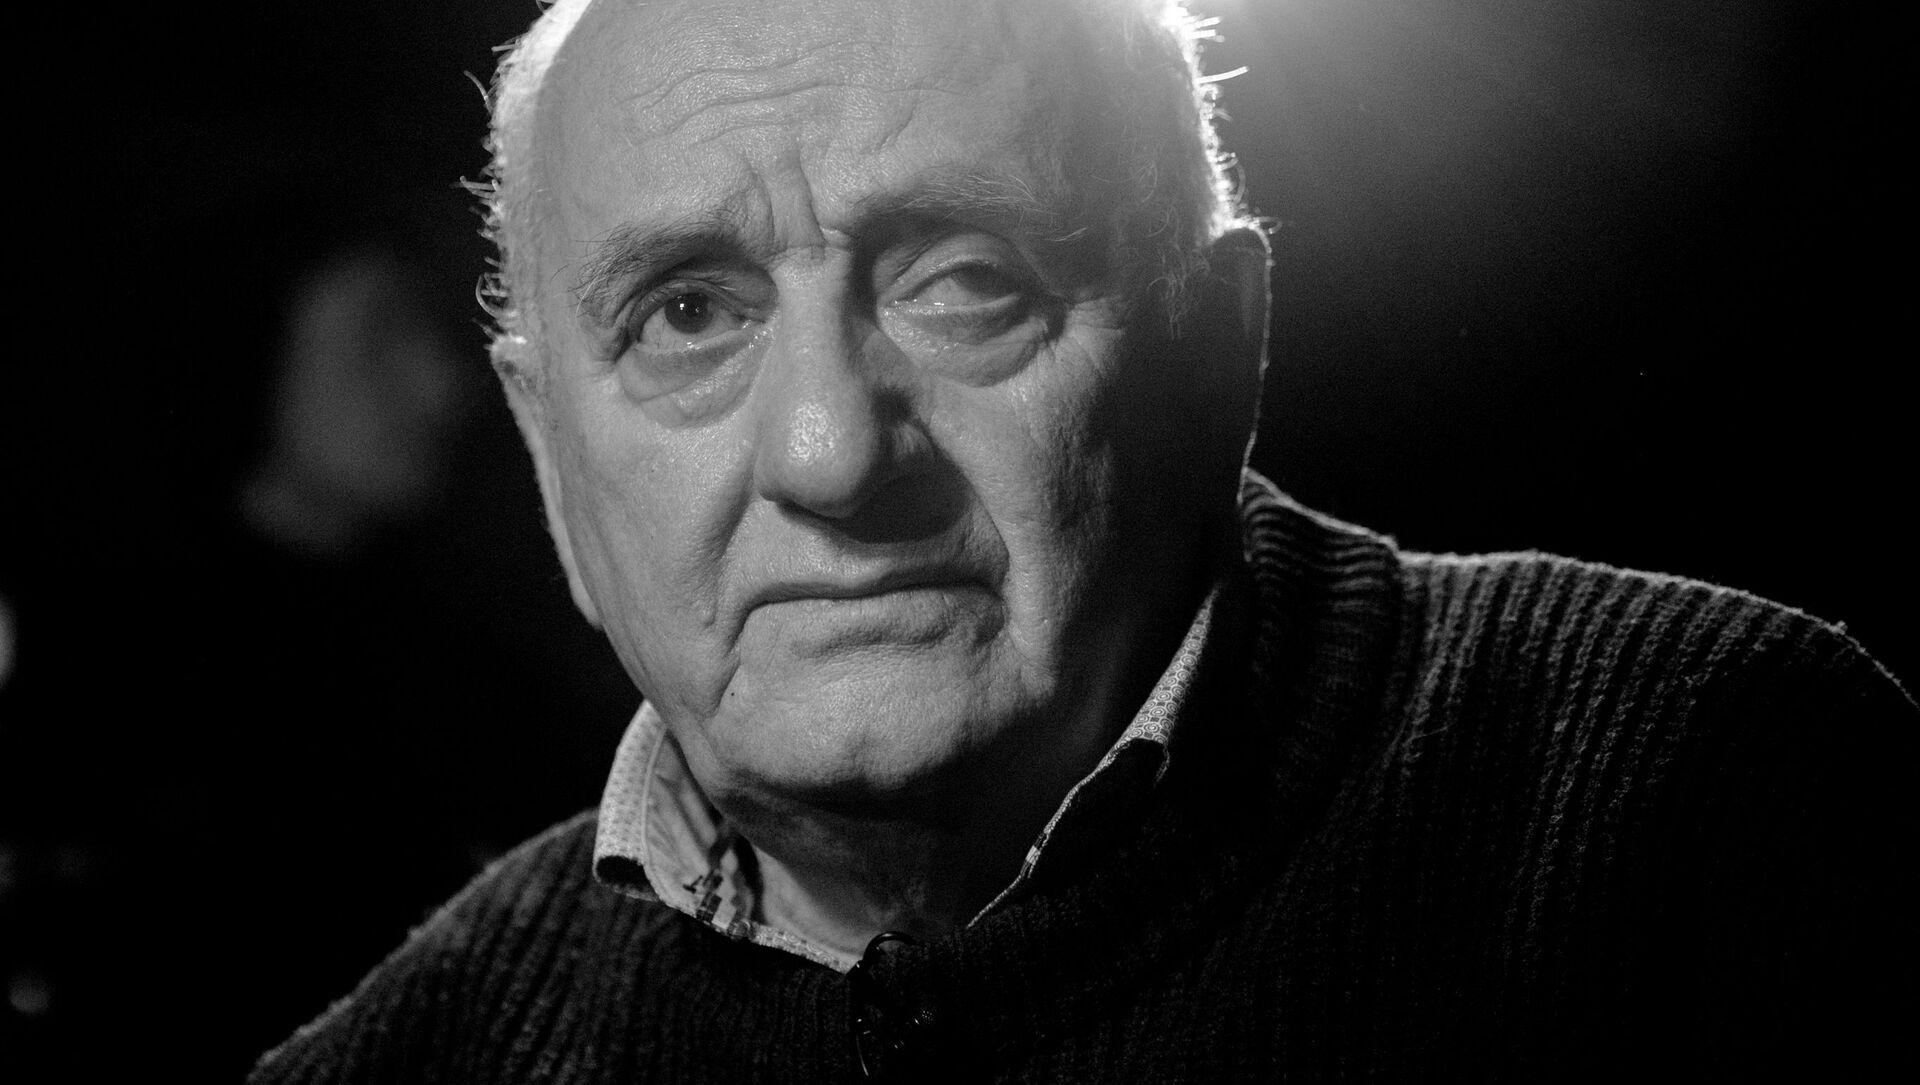 Резо Леванович Габриадзе  (1936 - 2021гг.), художник, режиссер театра и кино, писатель и автор сценариев - Sputnik Грузия, 1920, 07.06.2021